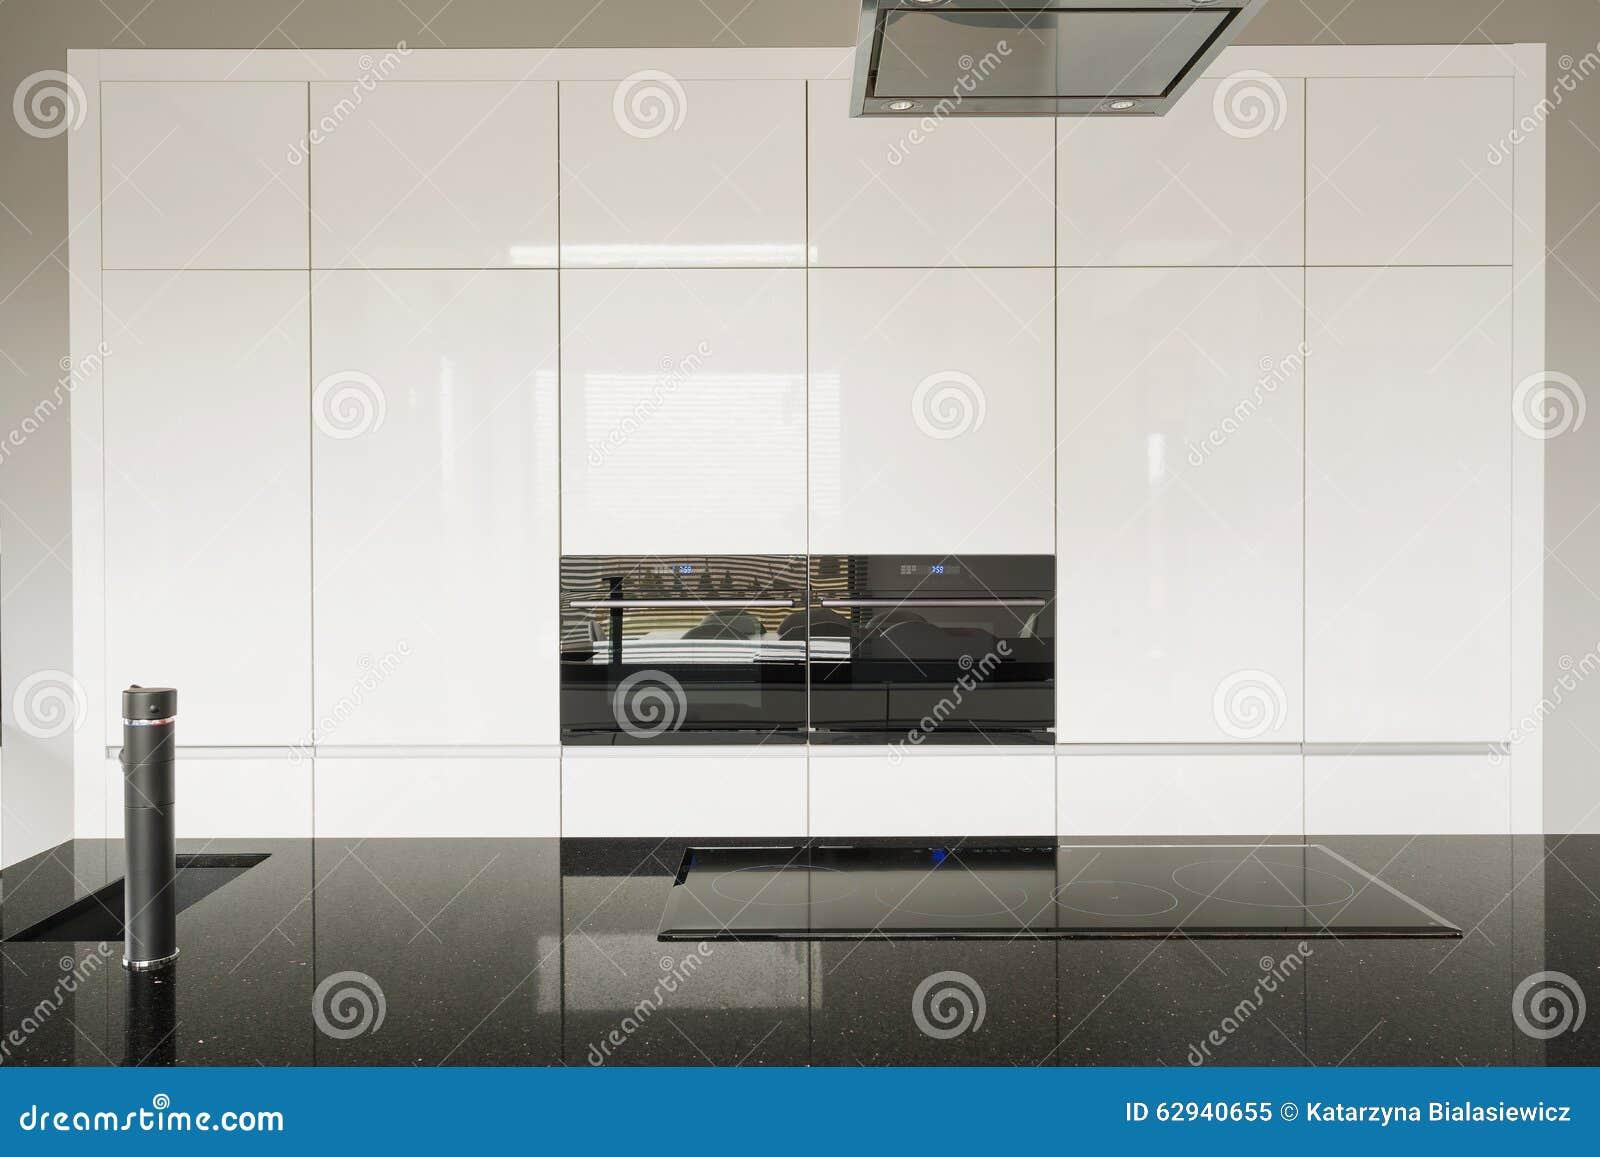 Glänzende Küchenfliesen stockbild. Bild von auslegung - 62940655